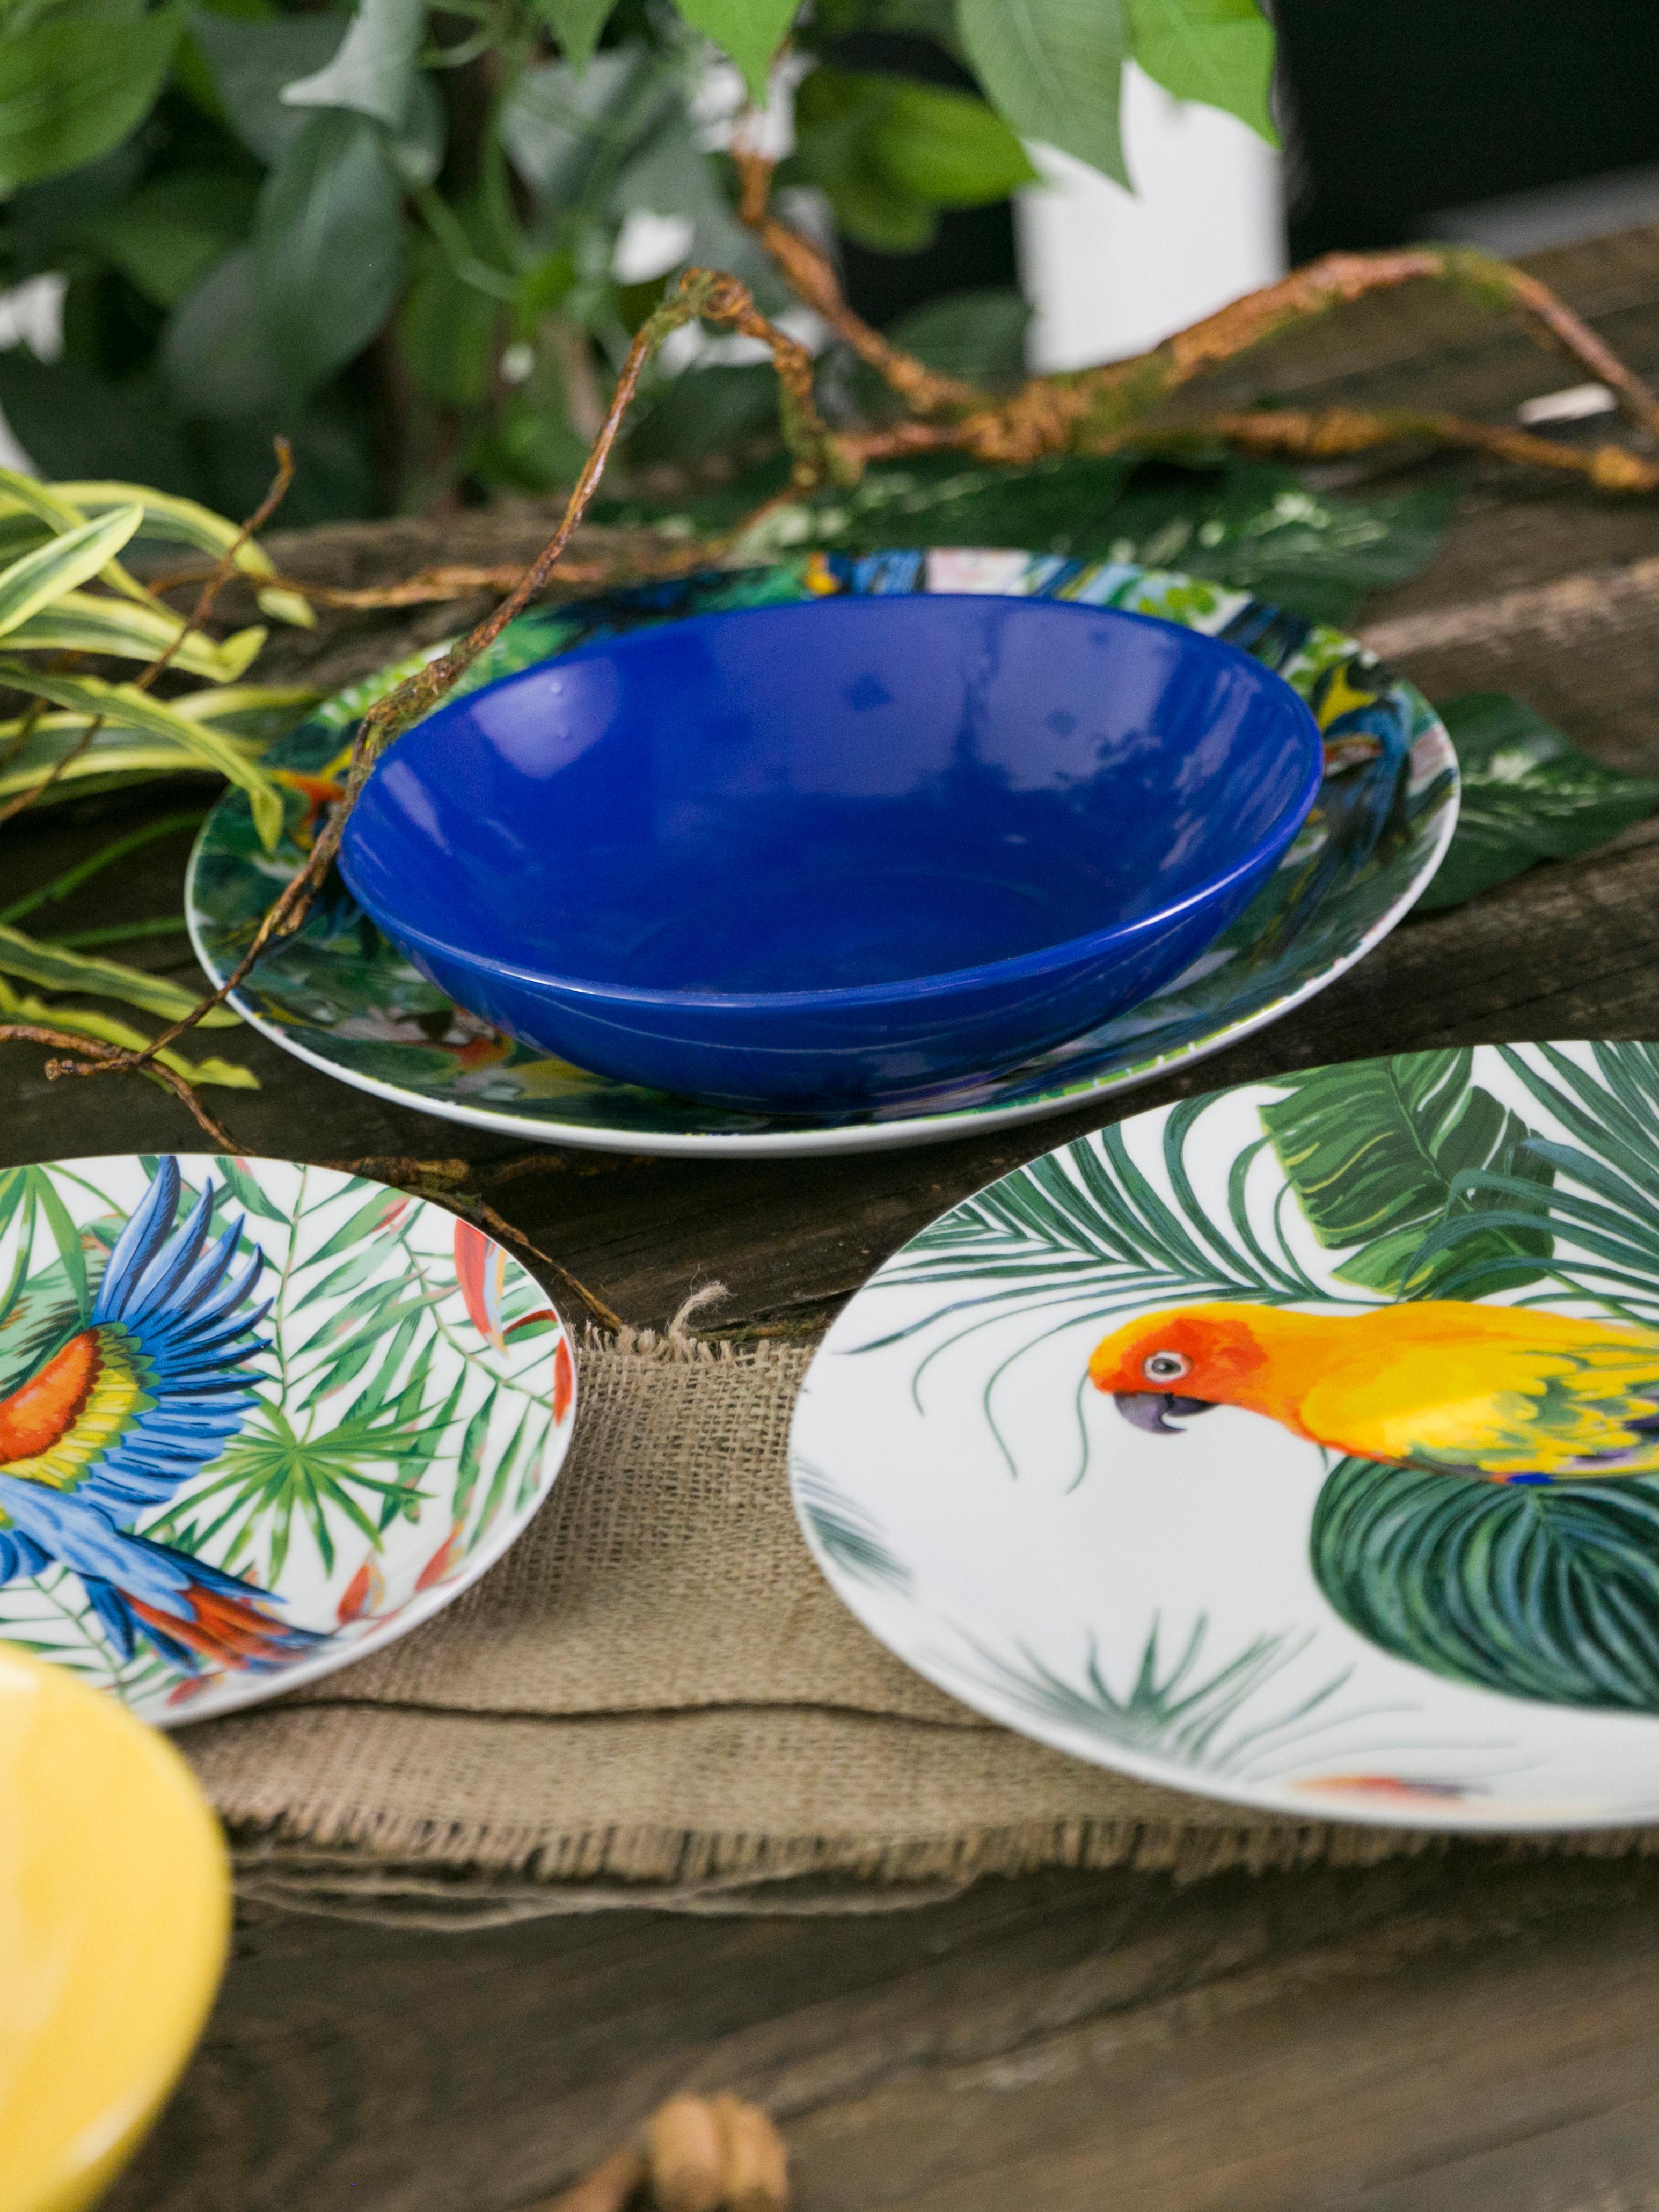 Komplet naczyń  Parrot Jungle, 18 elem., Porcelana, Wielobarwny, Komplet z różnymi rozmiarami